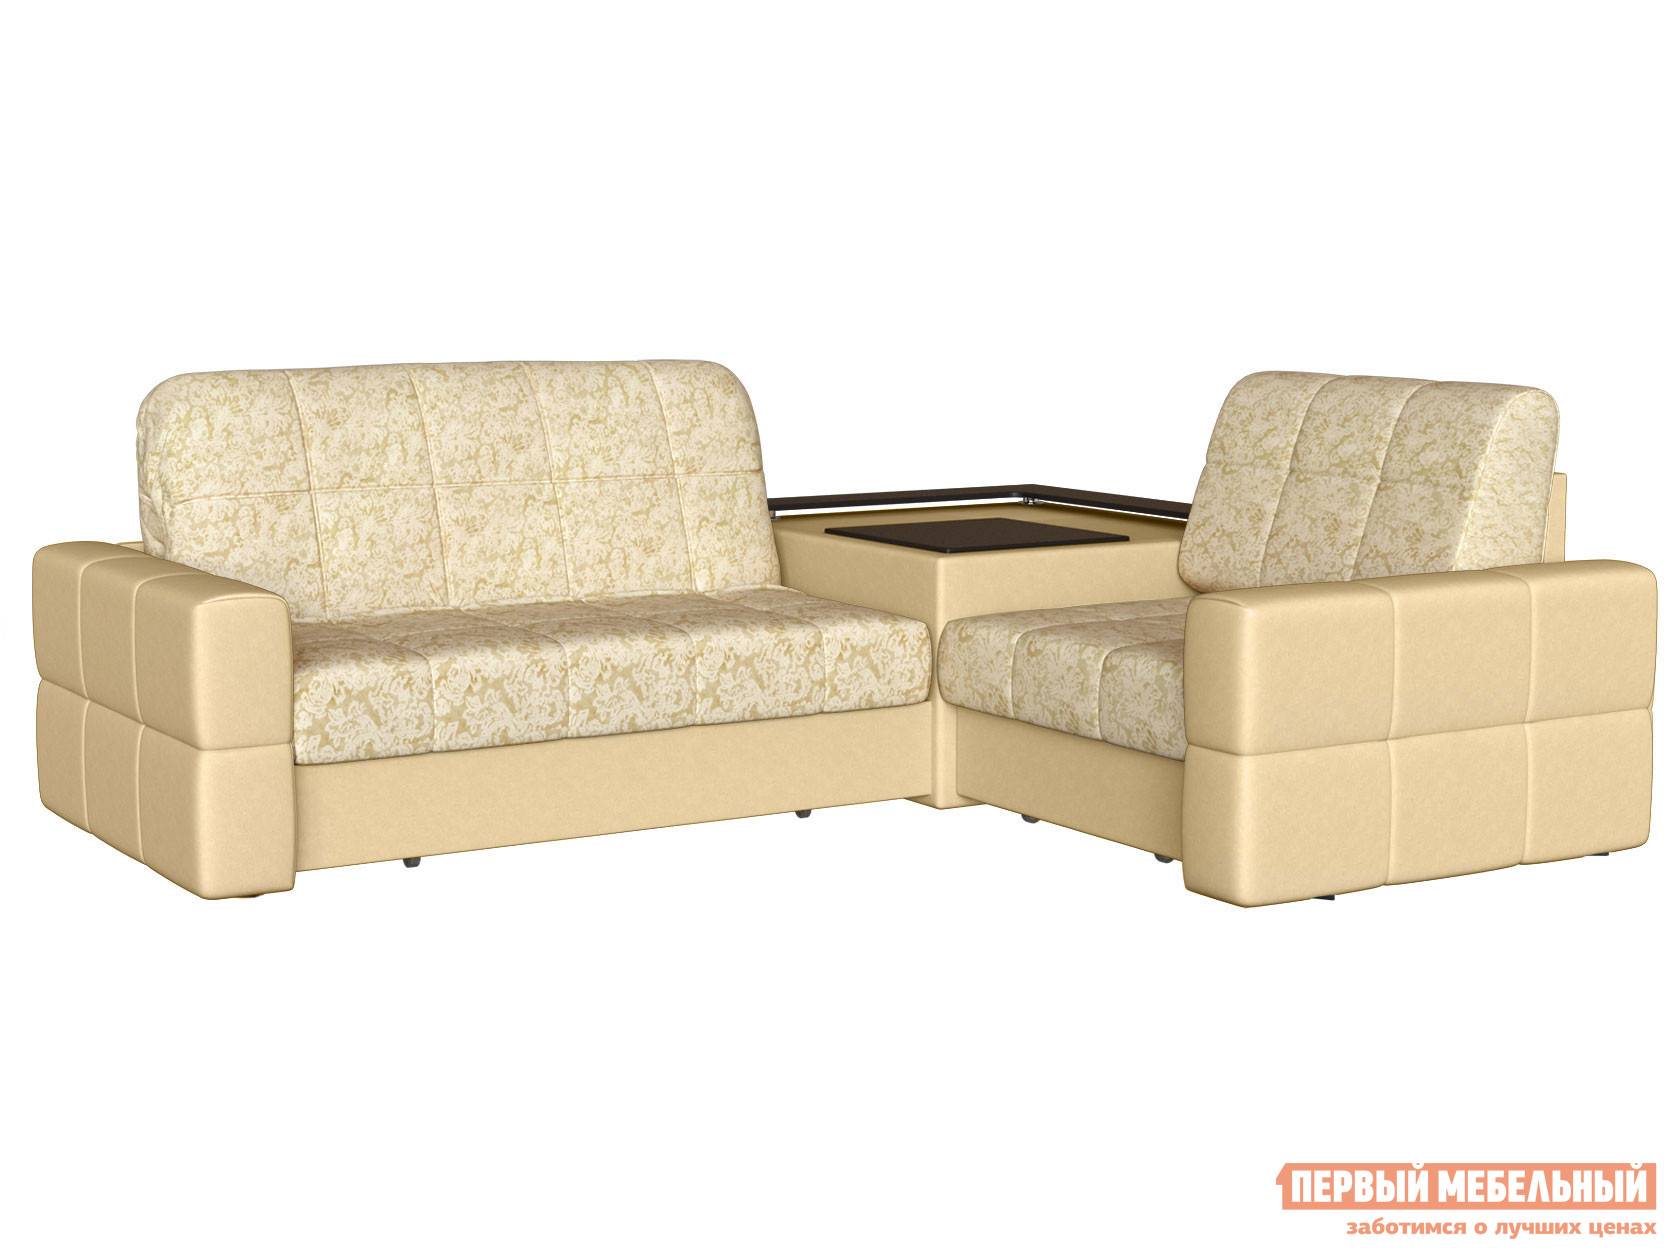 Угловой диван Первый Мебельный Диван Марио угловой Люкс